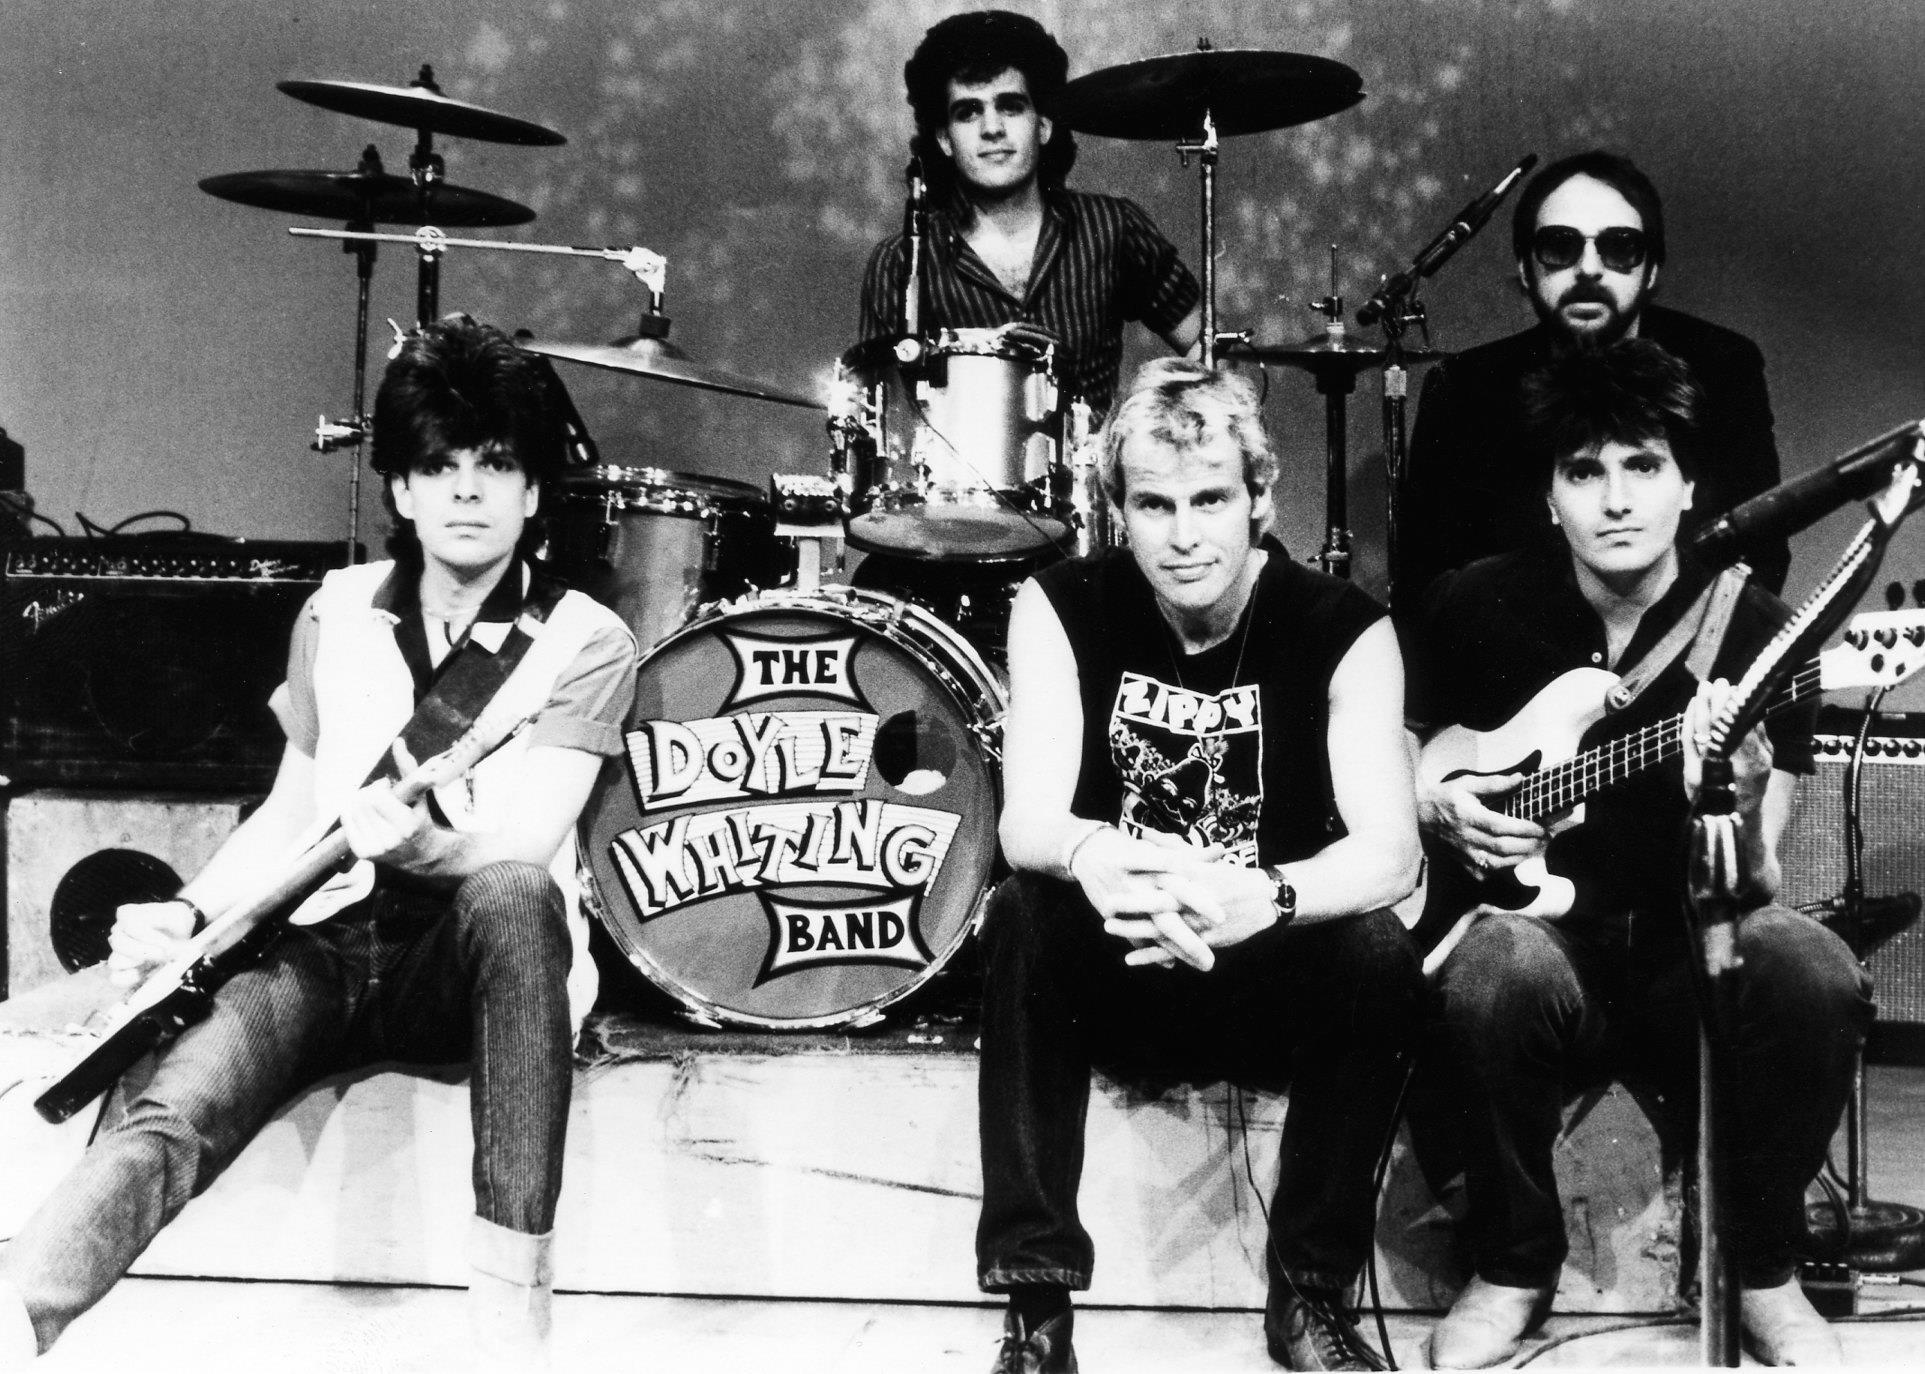 'Doyle Whiting Band' -